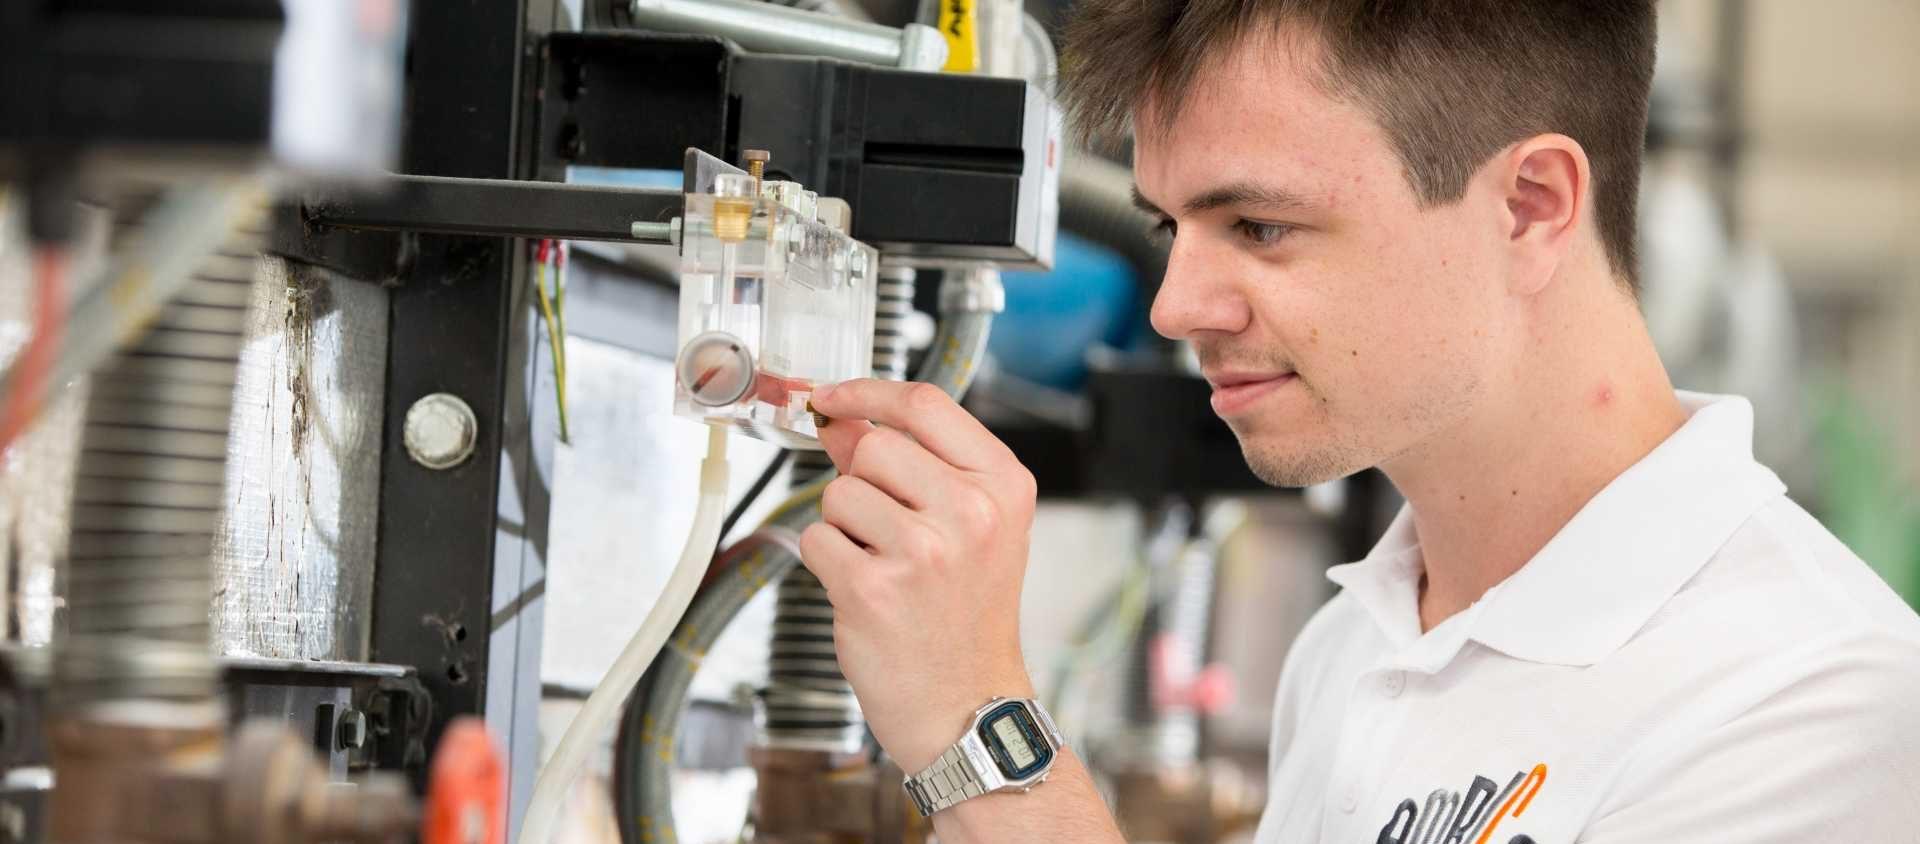 New ceramic materials science apprenticeship